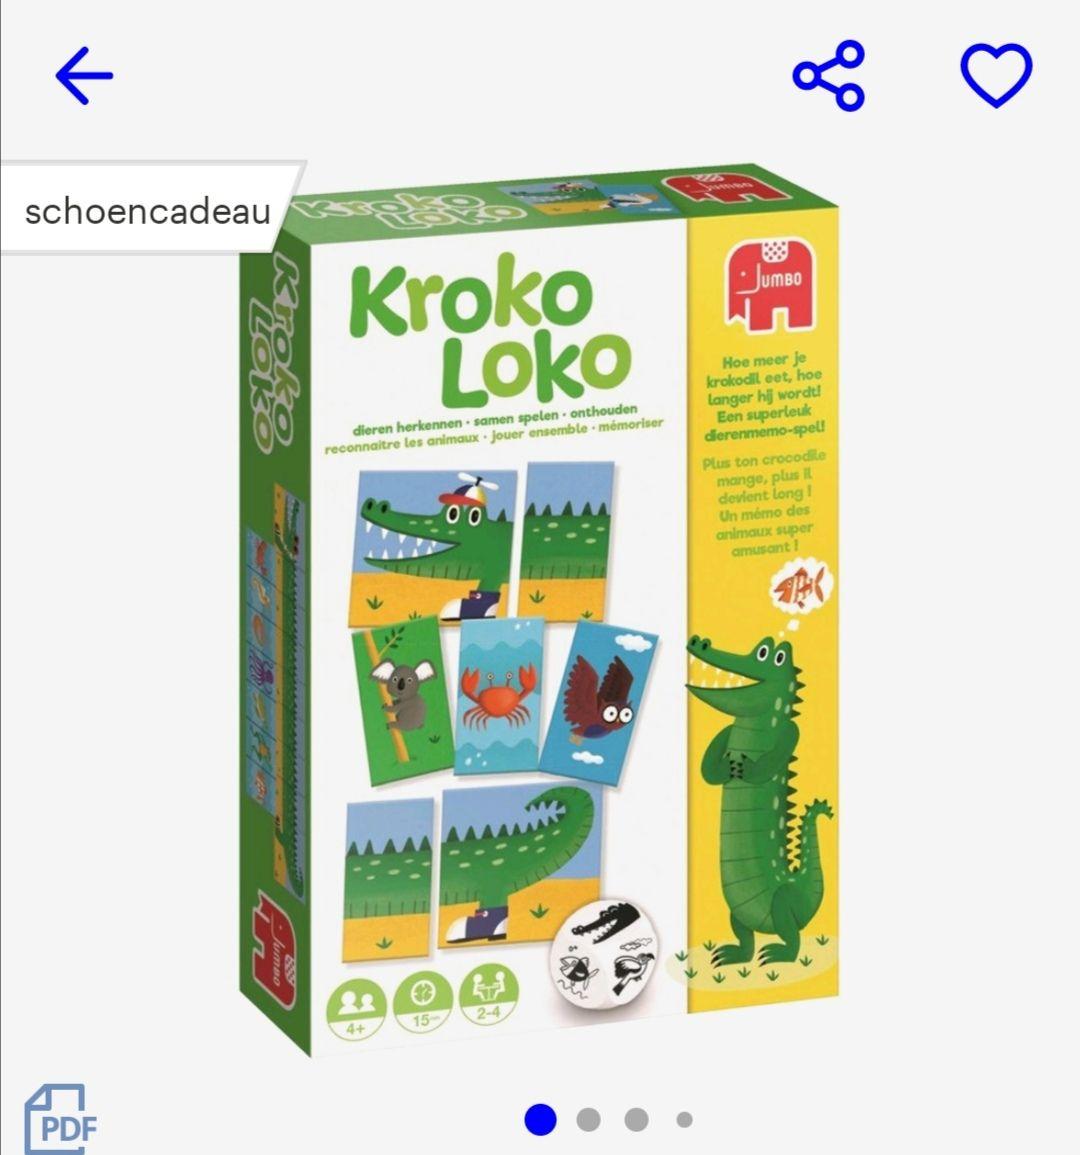 Kroko Loko (Schoencadeau of kerst) @bol.com